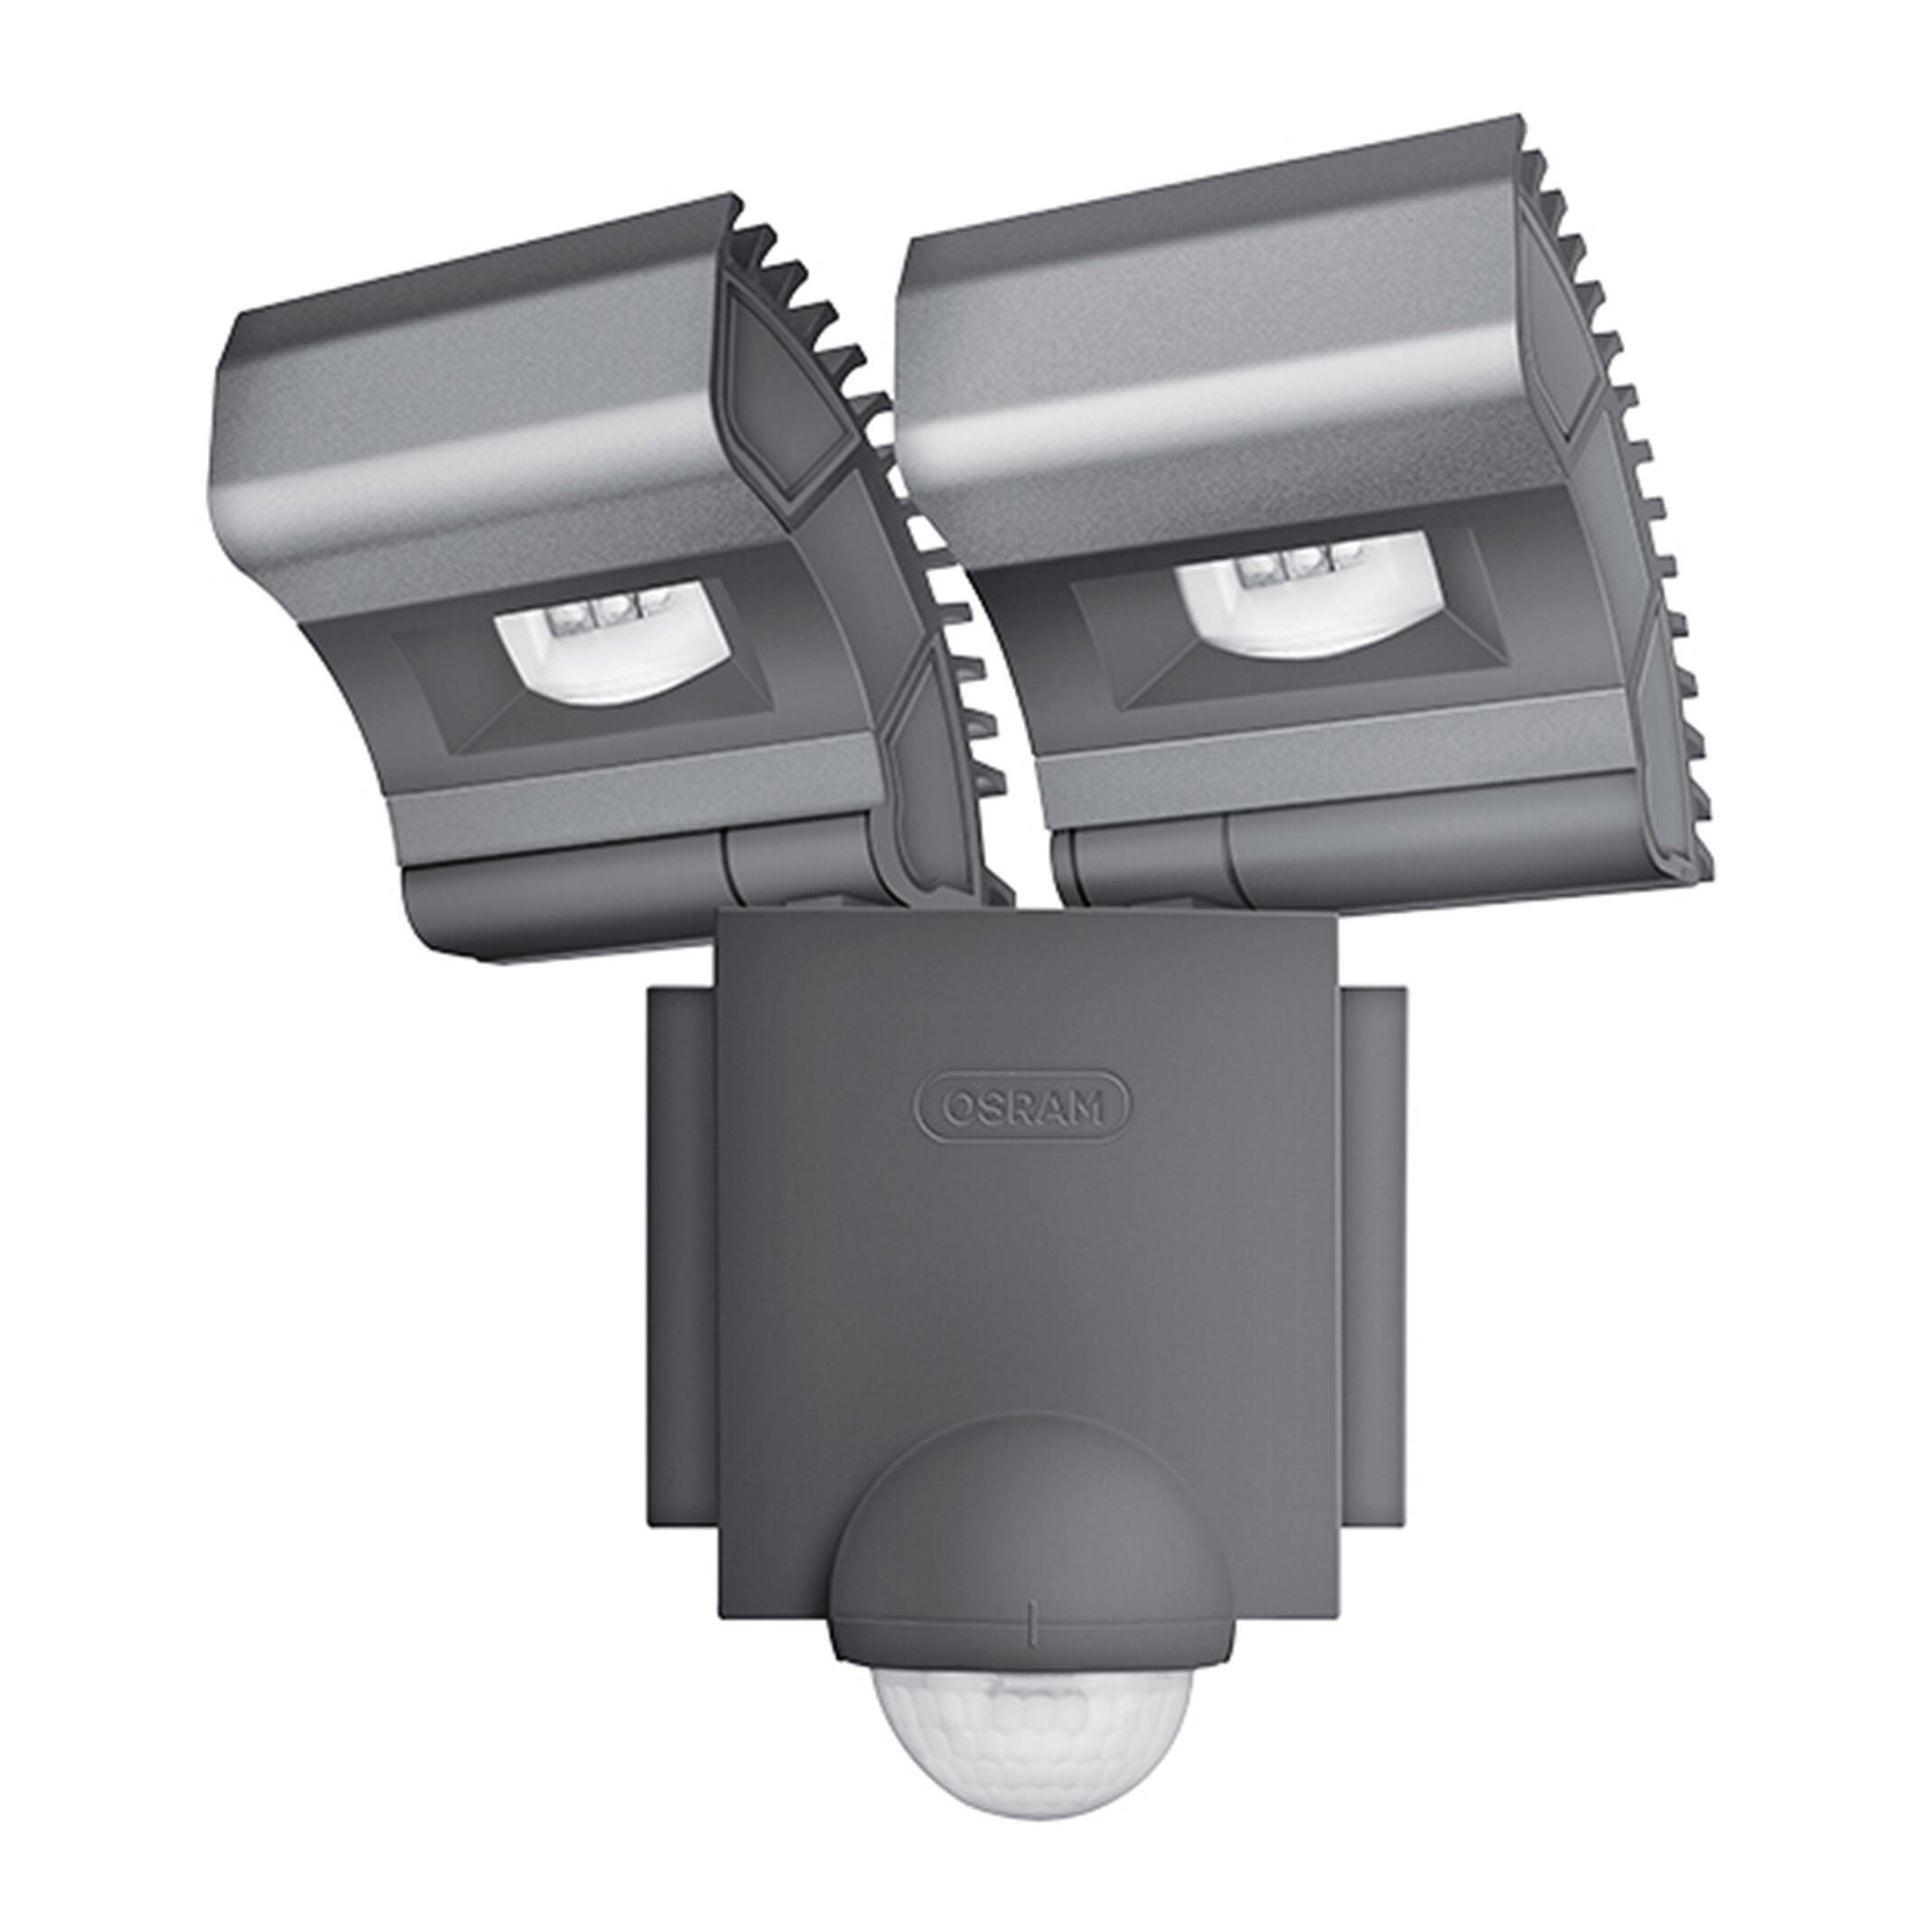 Proiettore LED integrato con sensore di movimento Noxlite in alluminio, grigio, 8W 1720LM IP44 OSRAM - 2